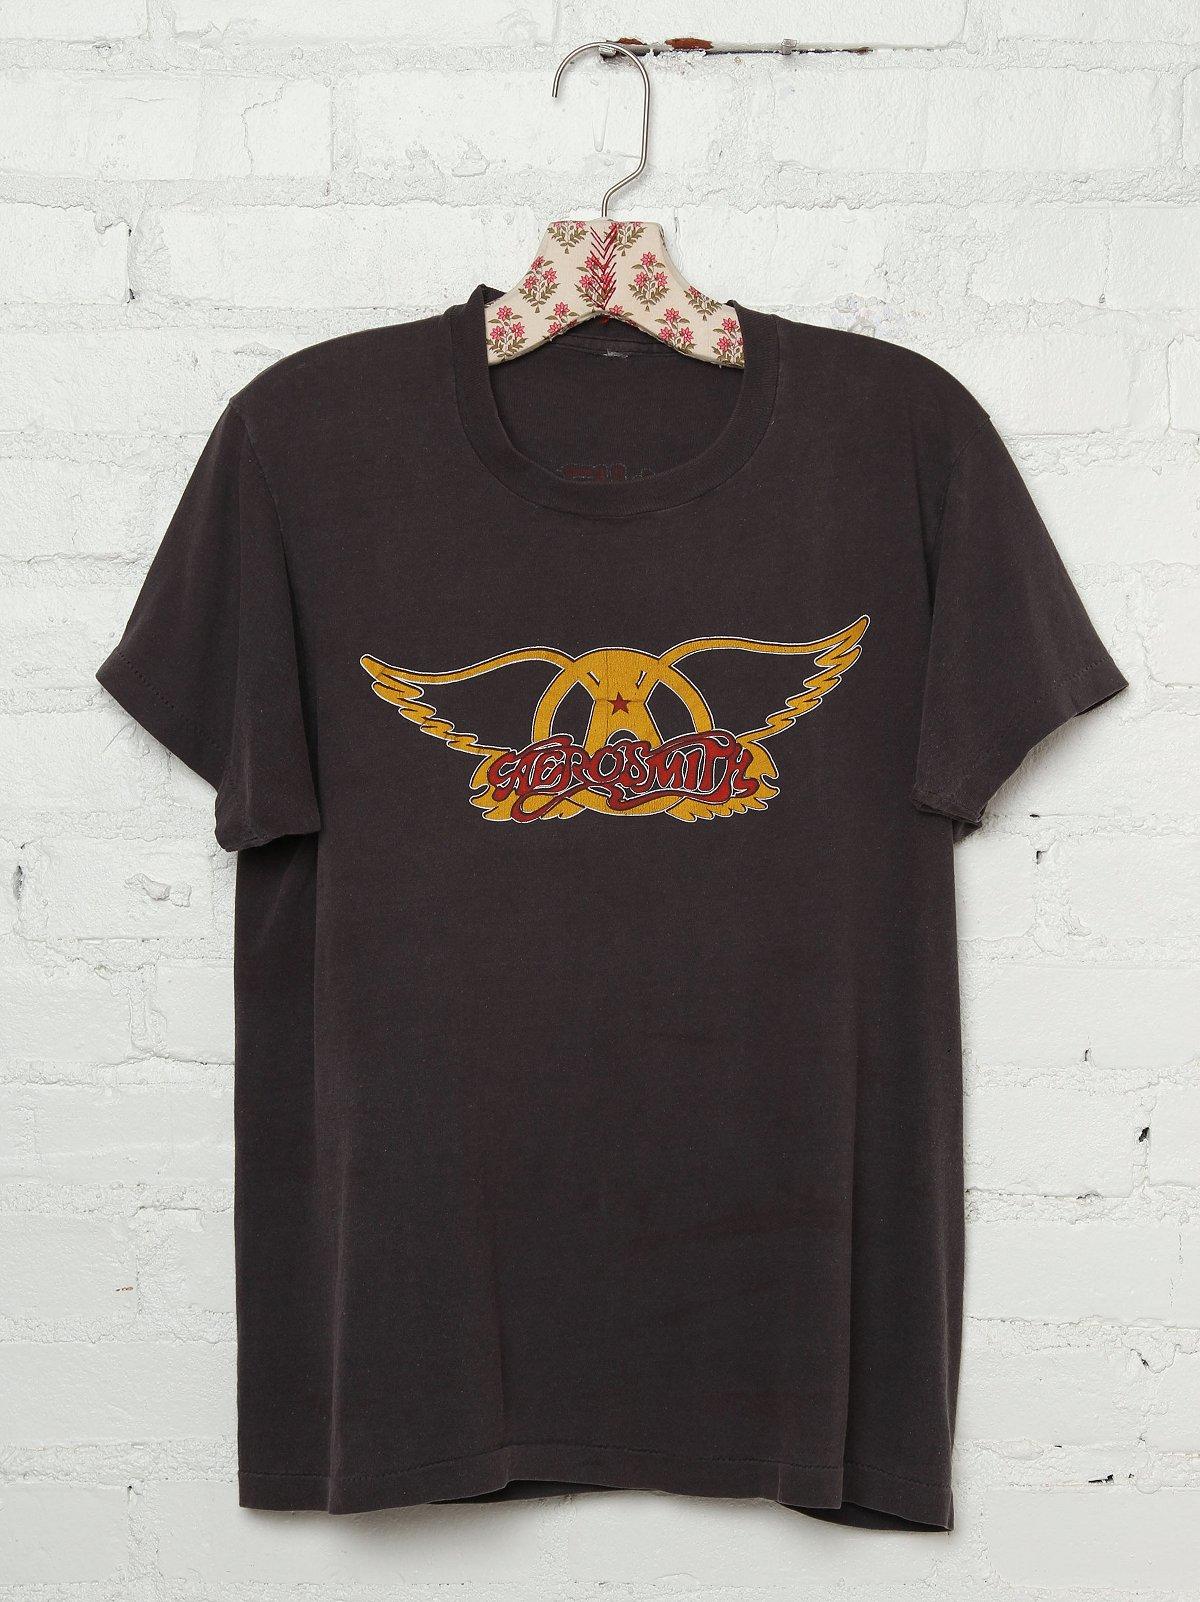 Vintage Aerosmith Tee